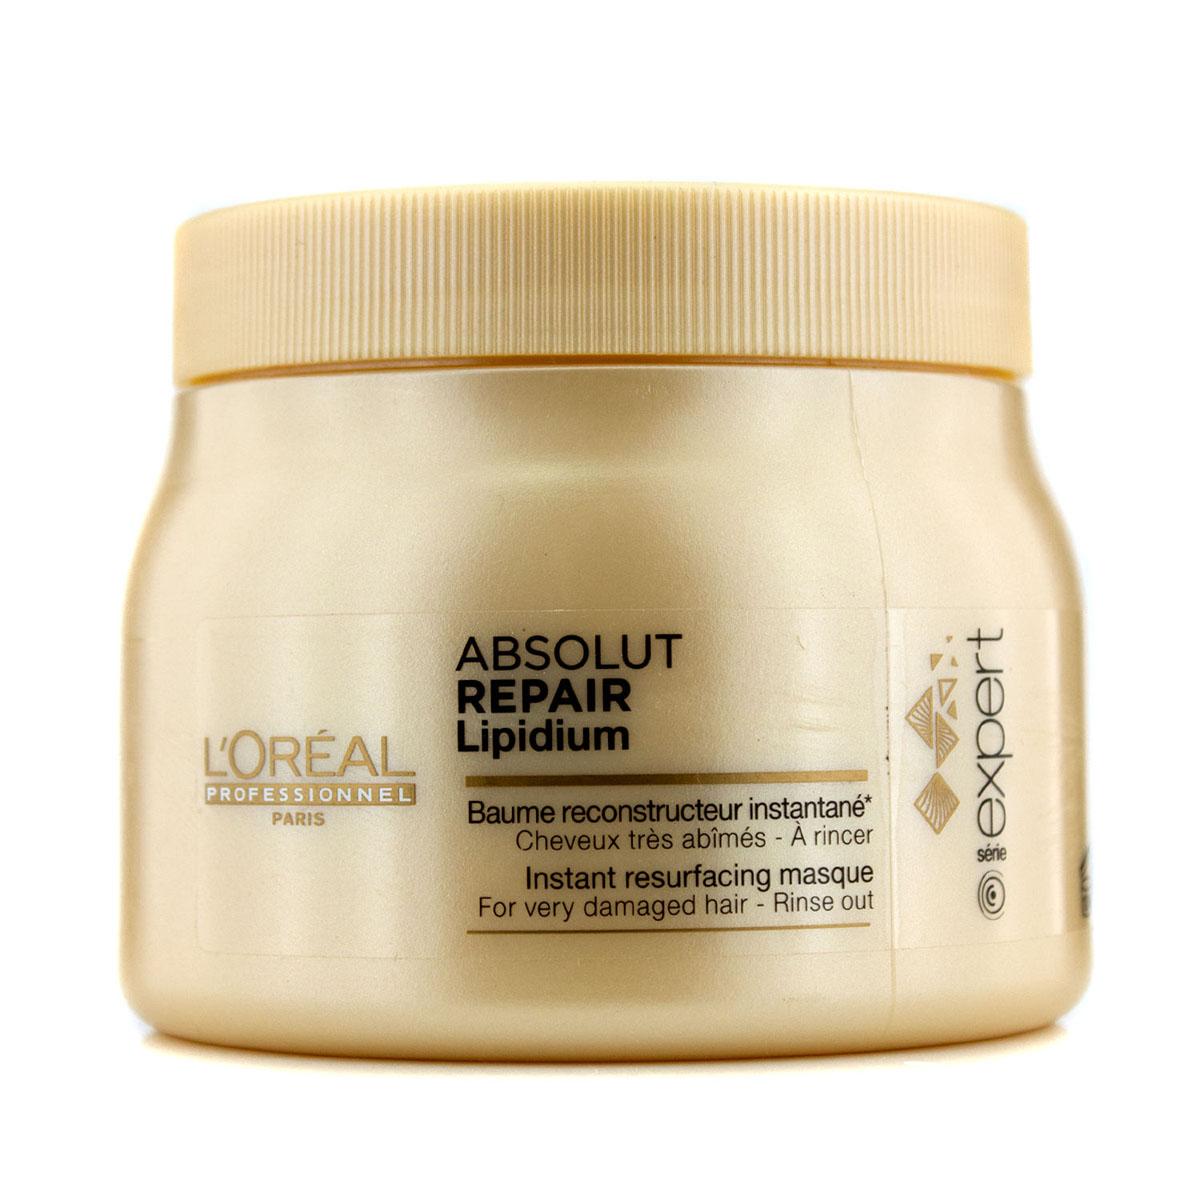 LOreal Professionnel Маска, восстанавливающая структуру волос на клеточном уровне Expert Absolut Repair Lipidium - 500 млE0640825Маска Absolut Repair Lipidium питает, защищает и укрепляет волокна волос по всей длине. Содержащиеся в маске УФ-фильтры защищают волосы от ультрафиолета. Различные виды натурального воска, входящие в состав маски, обволакивают каждый волос защитной пленкой, оберегающей от отрицательного воздействия окружающей среды и придающей им красивый и ухоженный вид. Волосы меньше ломаются и становятся более крепкими по всей длине.